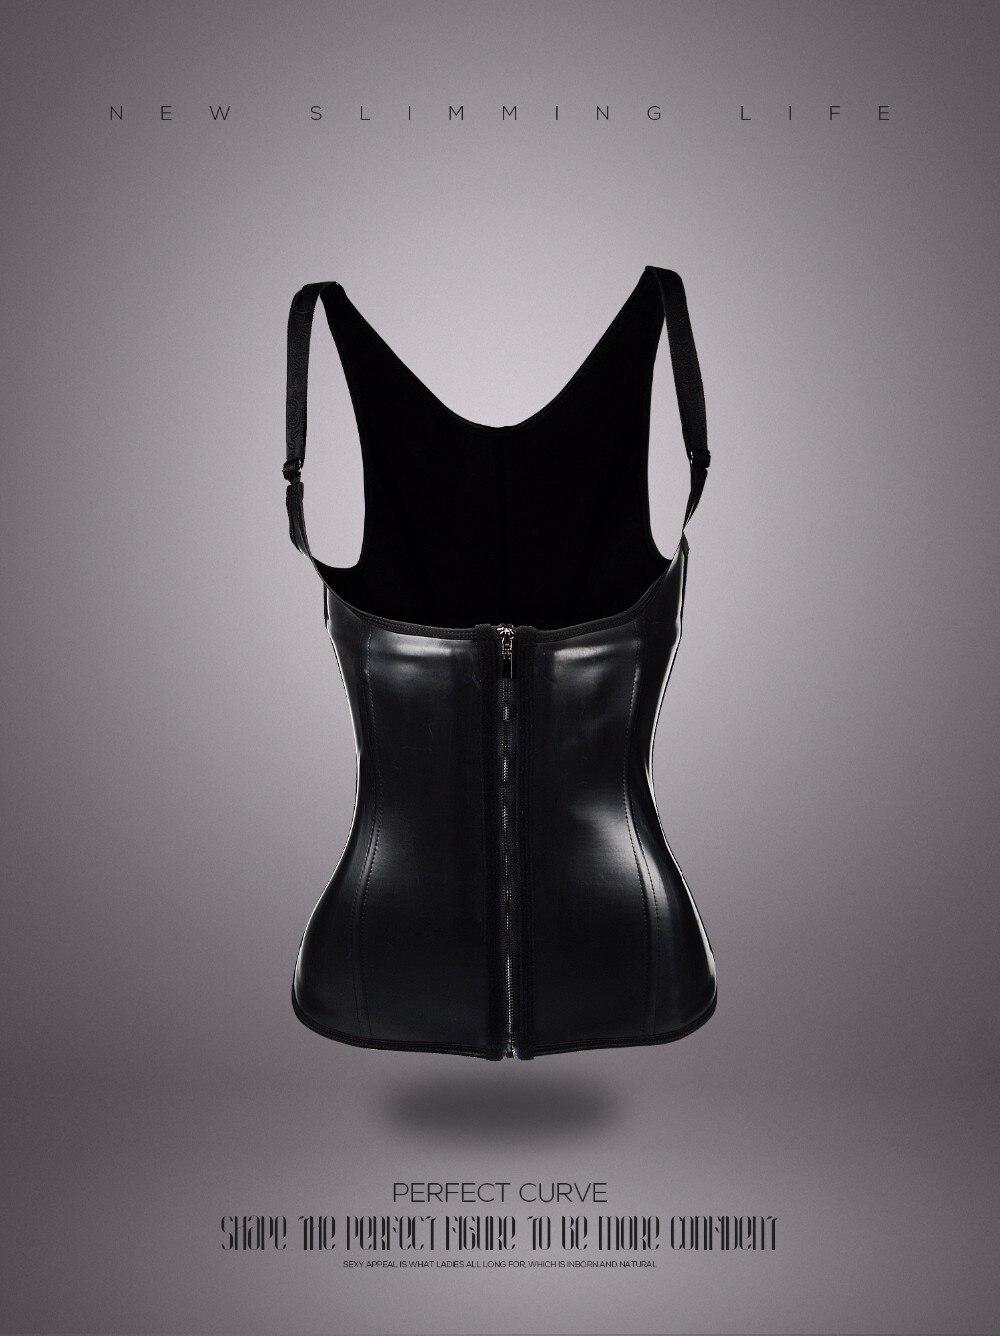 Corset Latex taille formateur minceur latex ceinture cincher minceur modélisation sangle chaud shapers corps shaper minceur latex corset